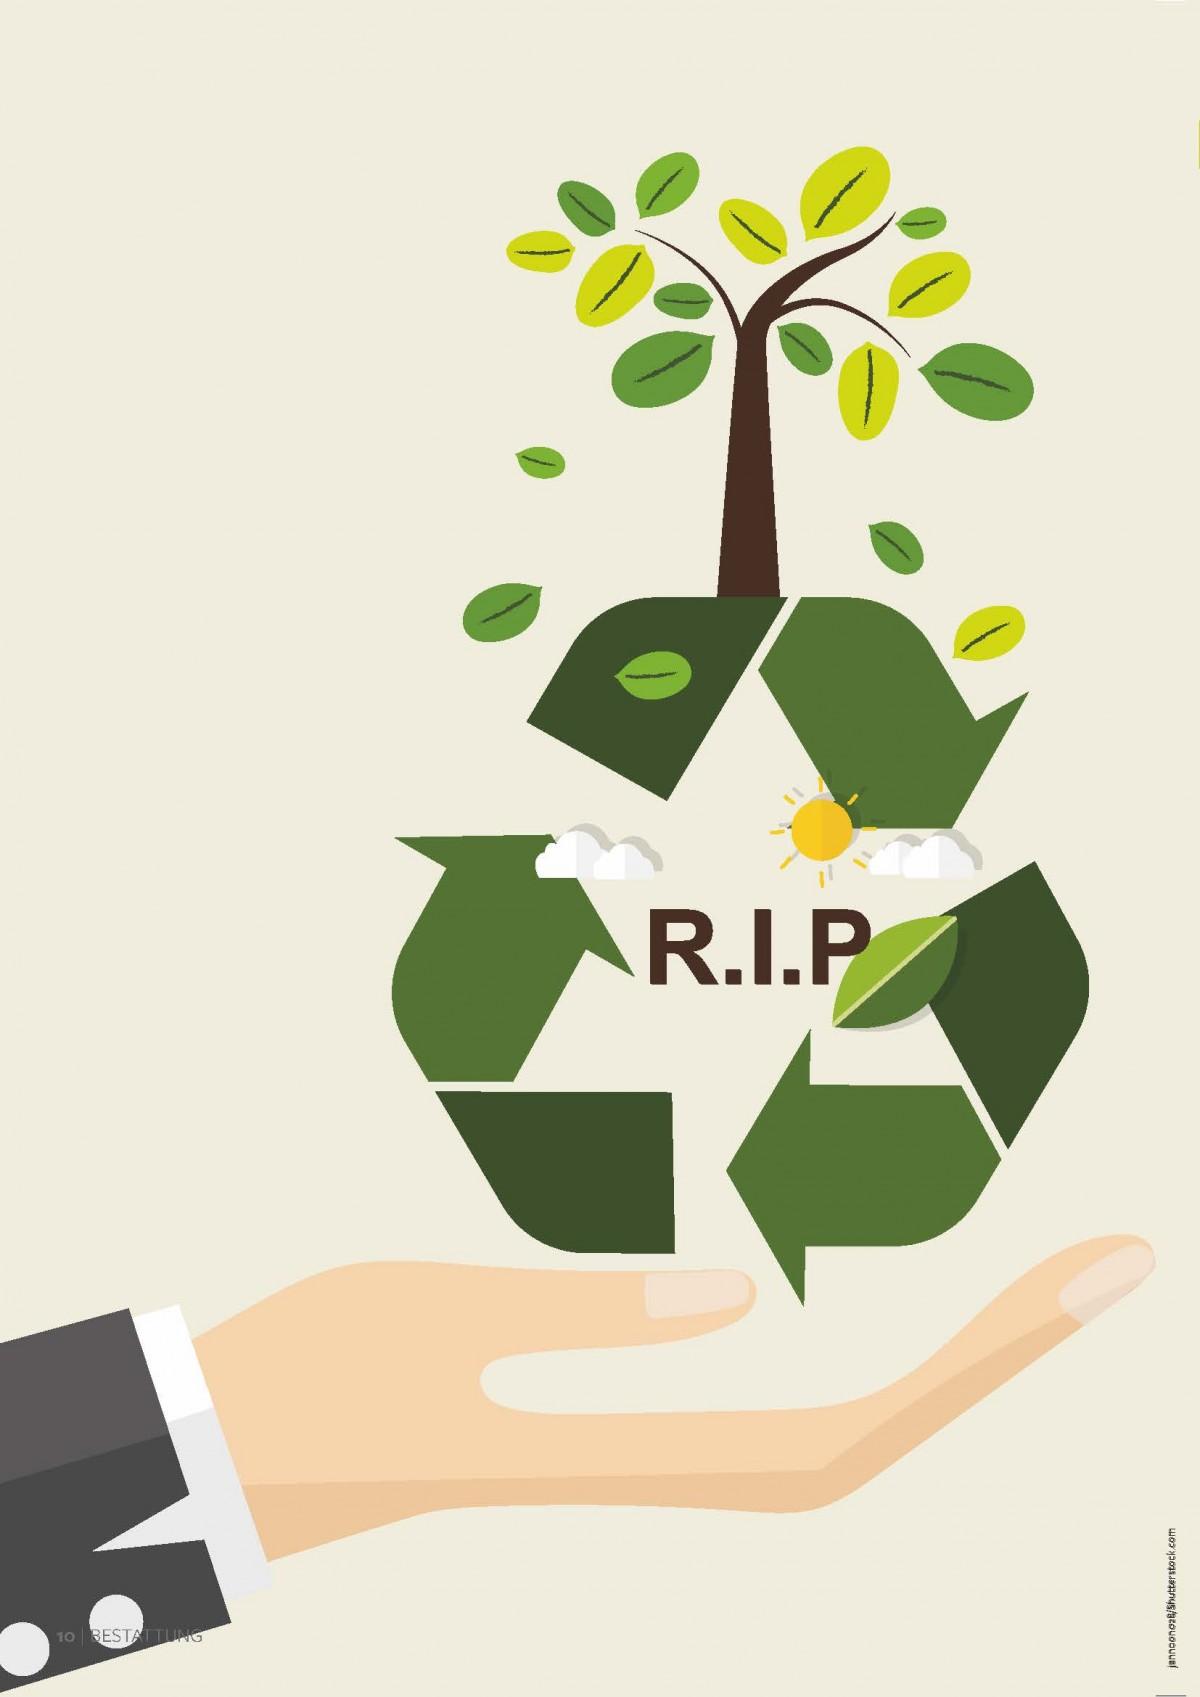 Das spurlose Verschwinden eines Verstorbenen ohne Einfluss auf die Umwelt ist unmöglich. Das liegt weder am Sarg noch an der Urne, sondern am menschlichen Körper.